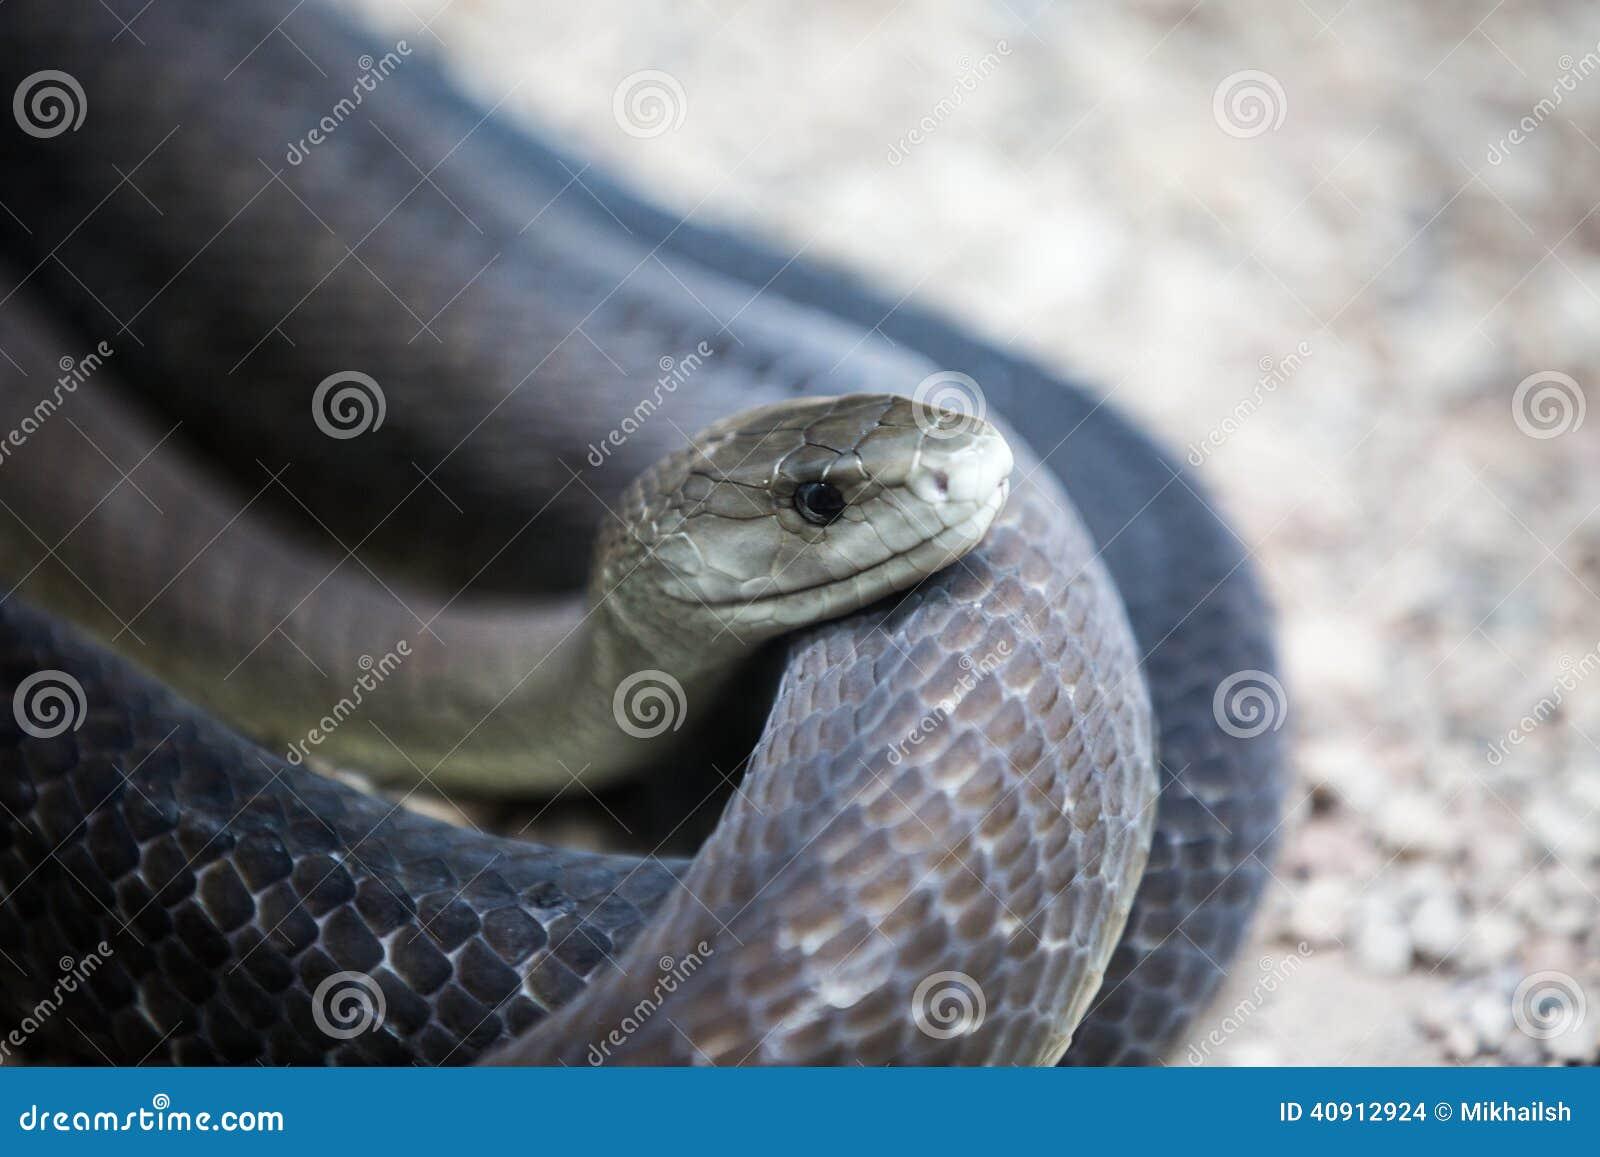 coiled black mamba snake stock photo image of wildlife